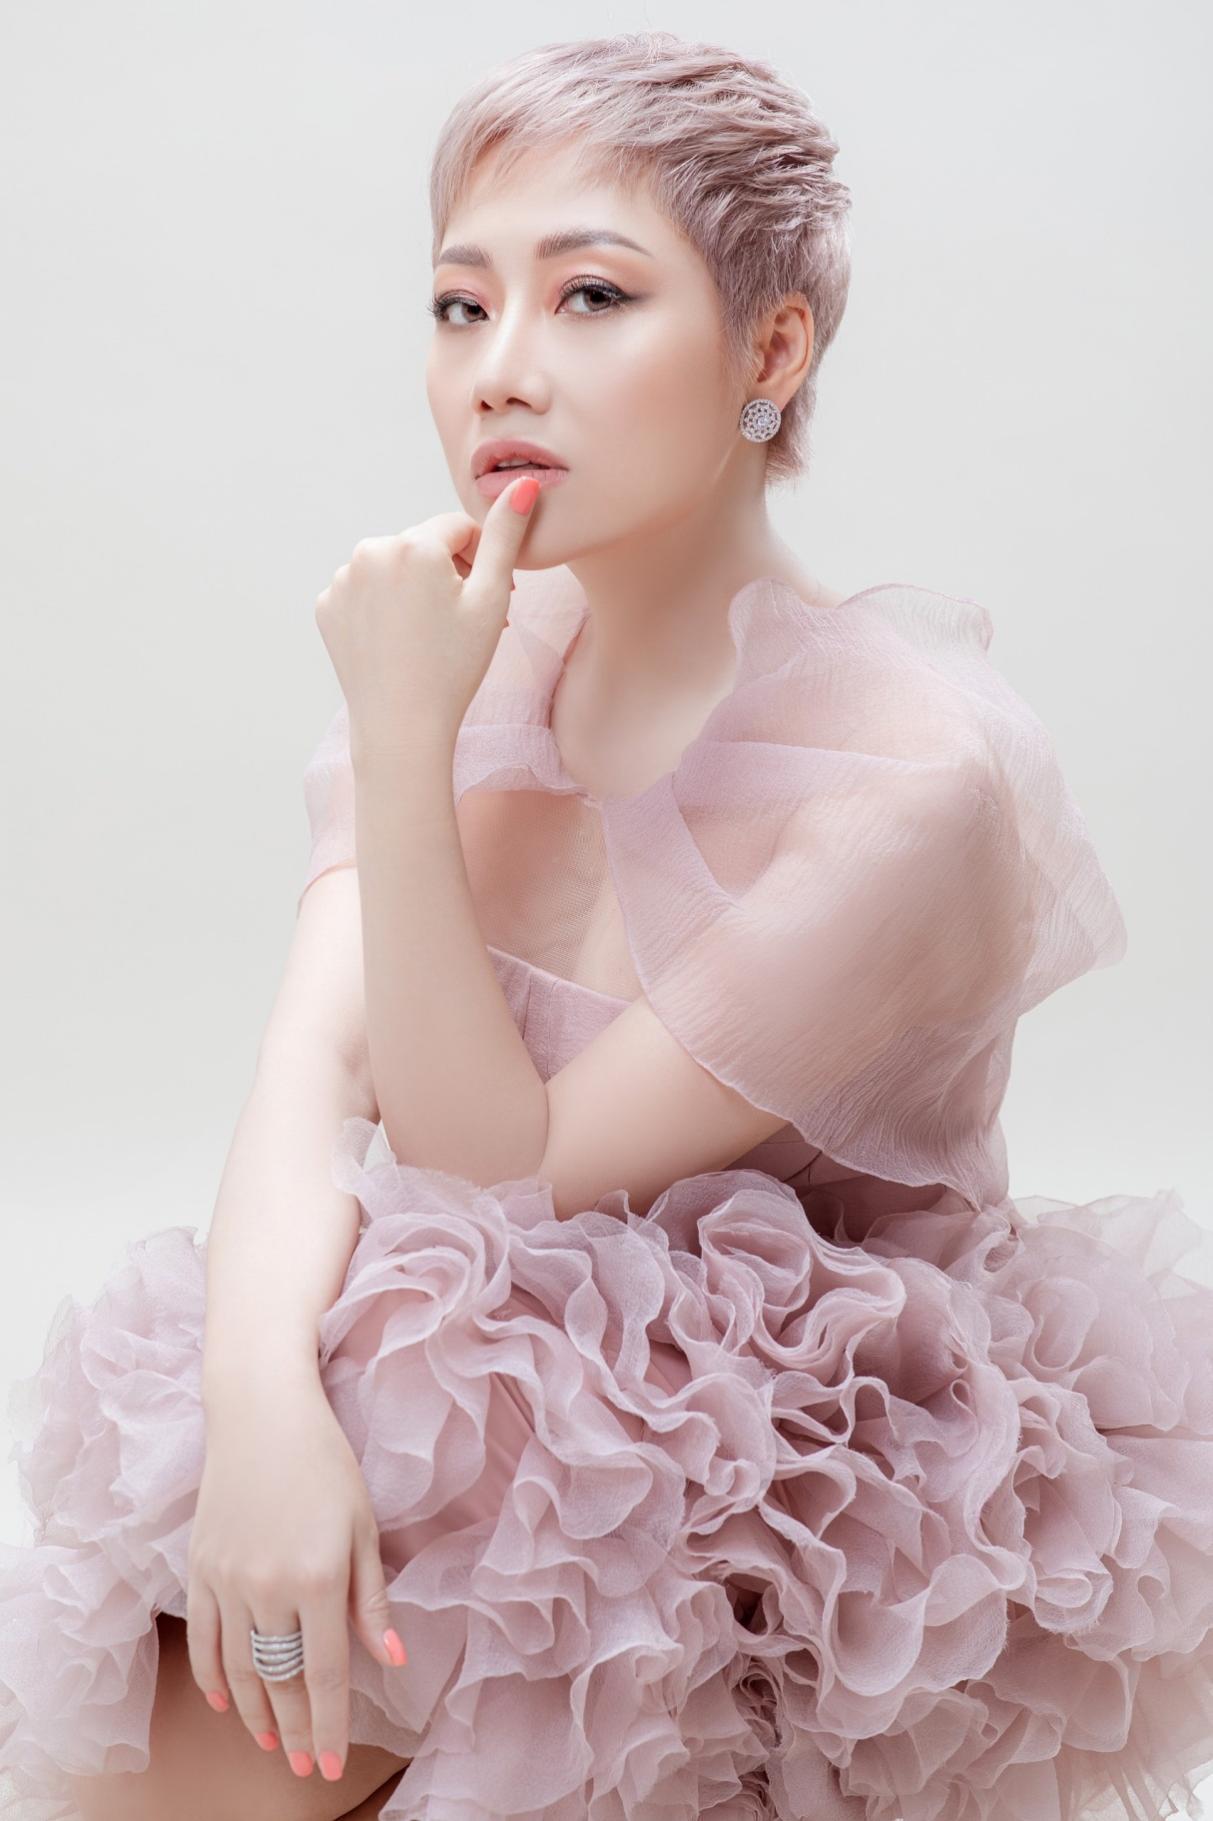 Cùng làm đẹp môi tại thẩm mỹ viện Hương Phan Beauty - Ảnh 2.